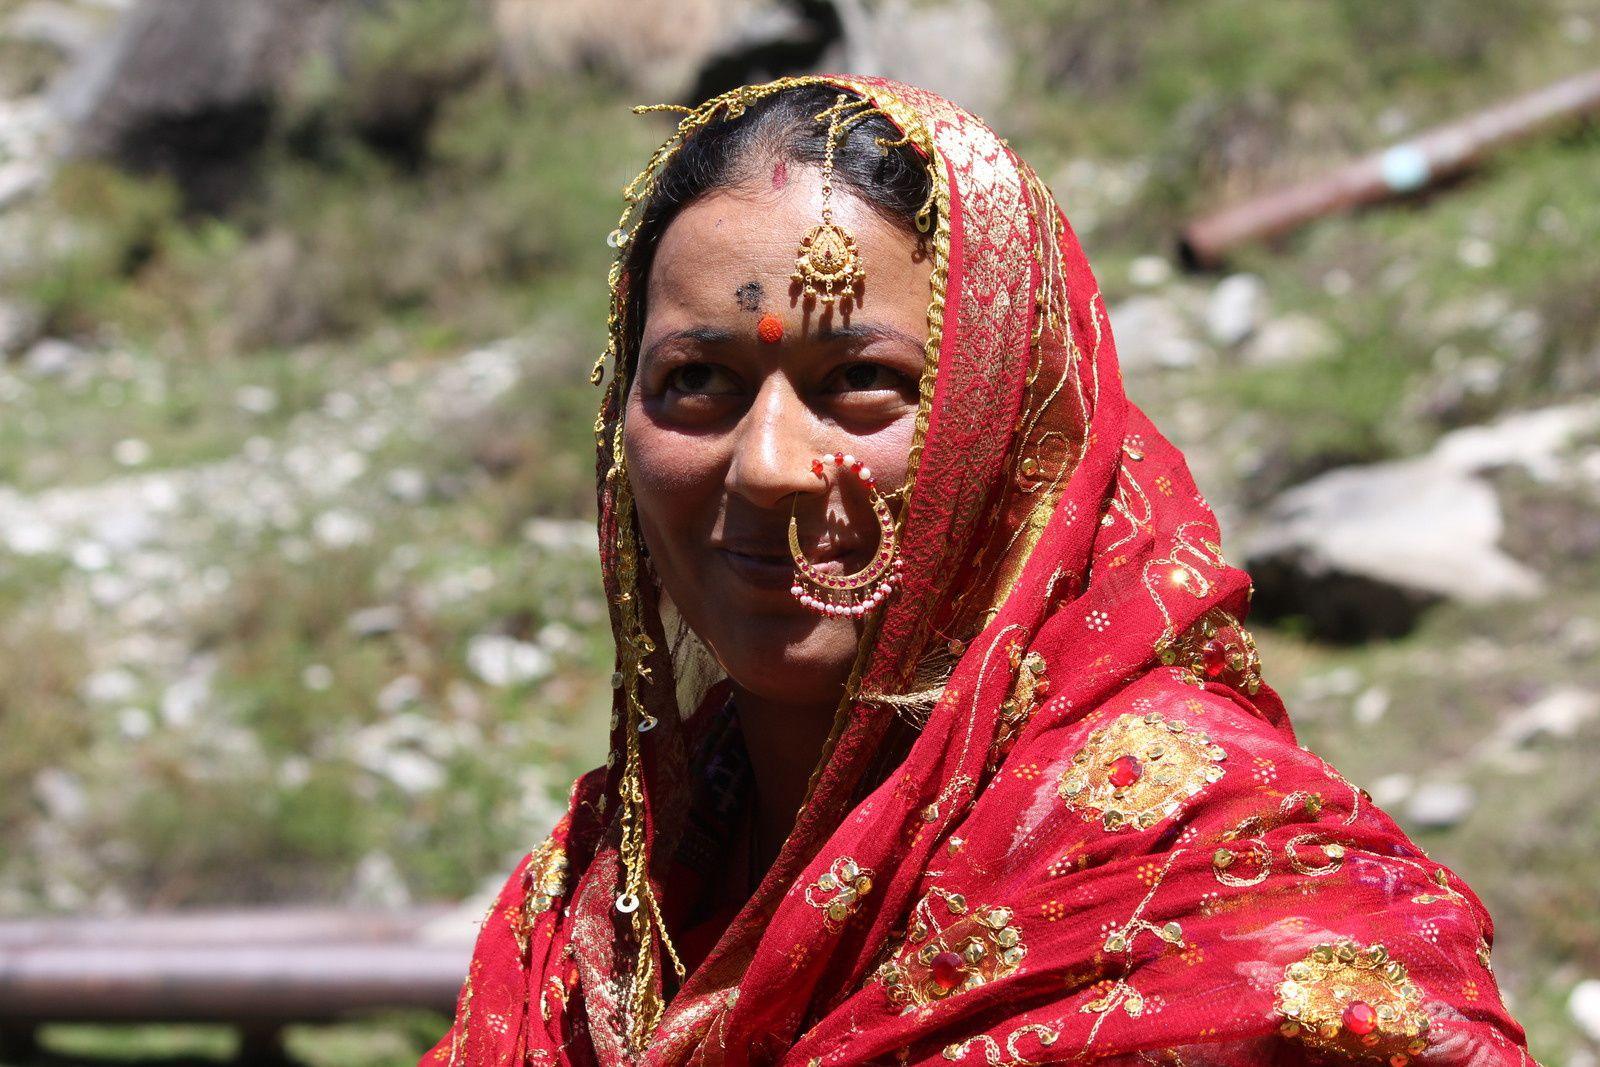 Mères vêtues de leur apparat de mariée